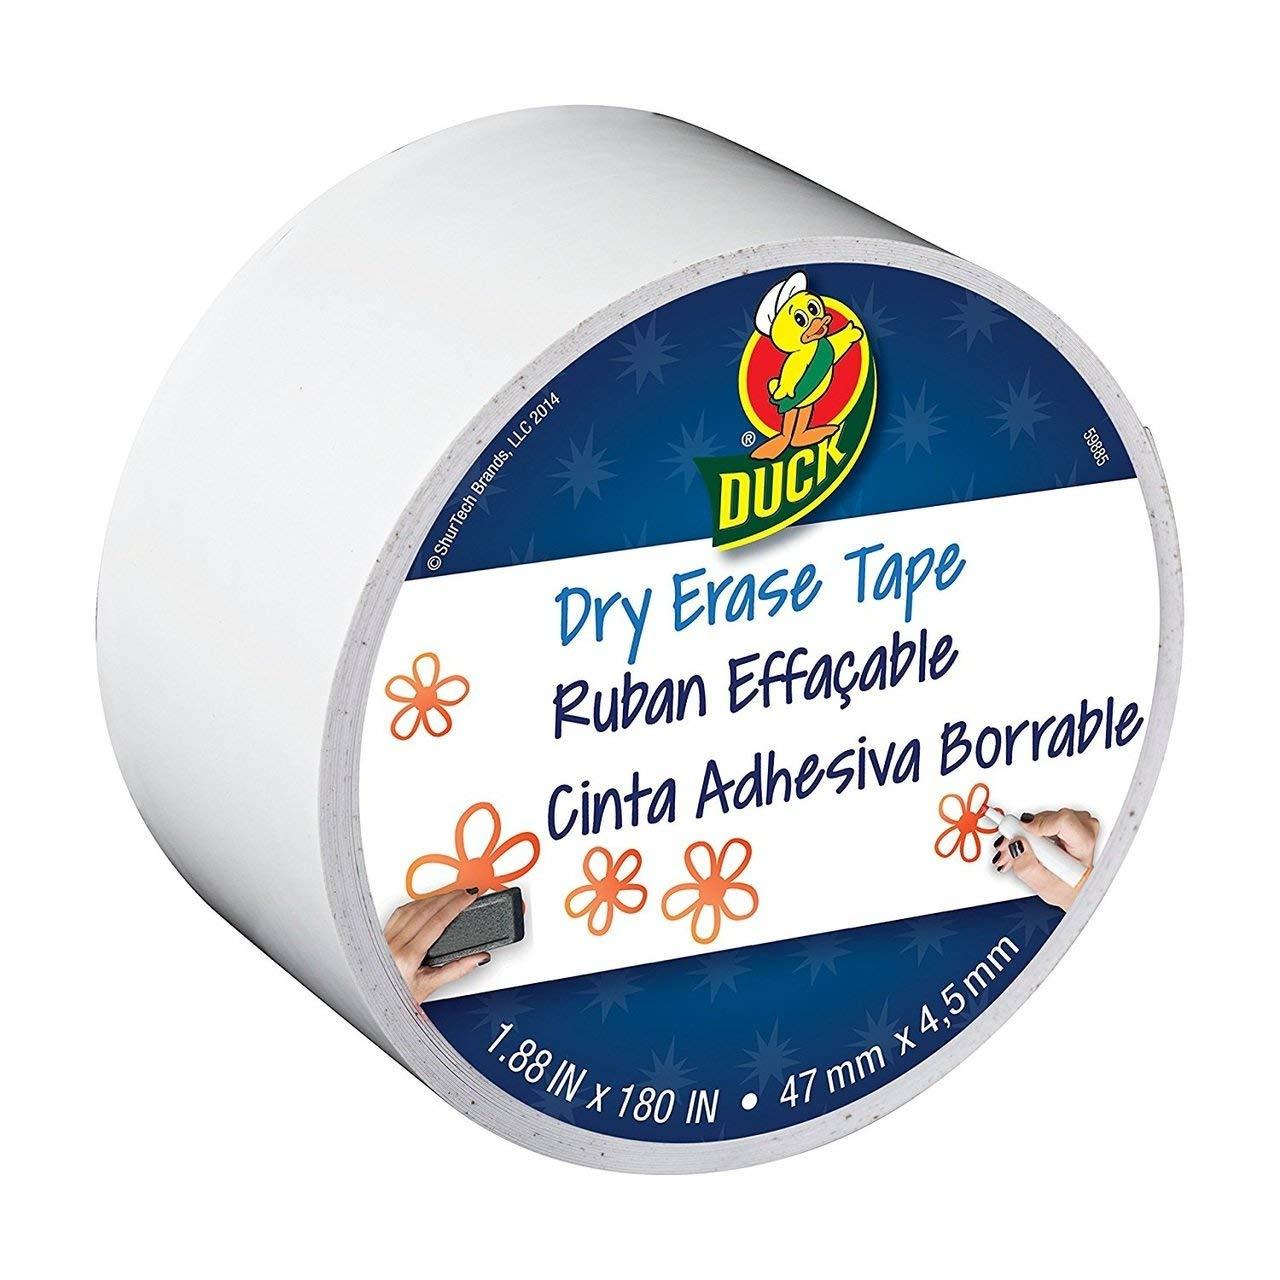 """Bulk Dry Erase Tape, White, 1.88""""x 180"""": Duck Brand 284878 (84 Dry Erase Tape Rolls)"""